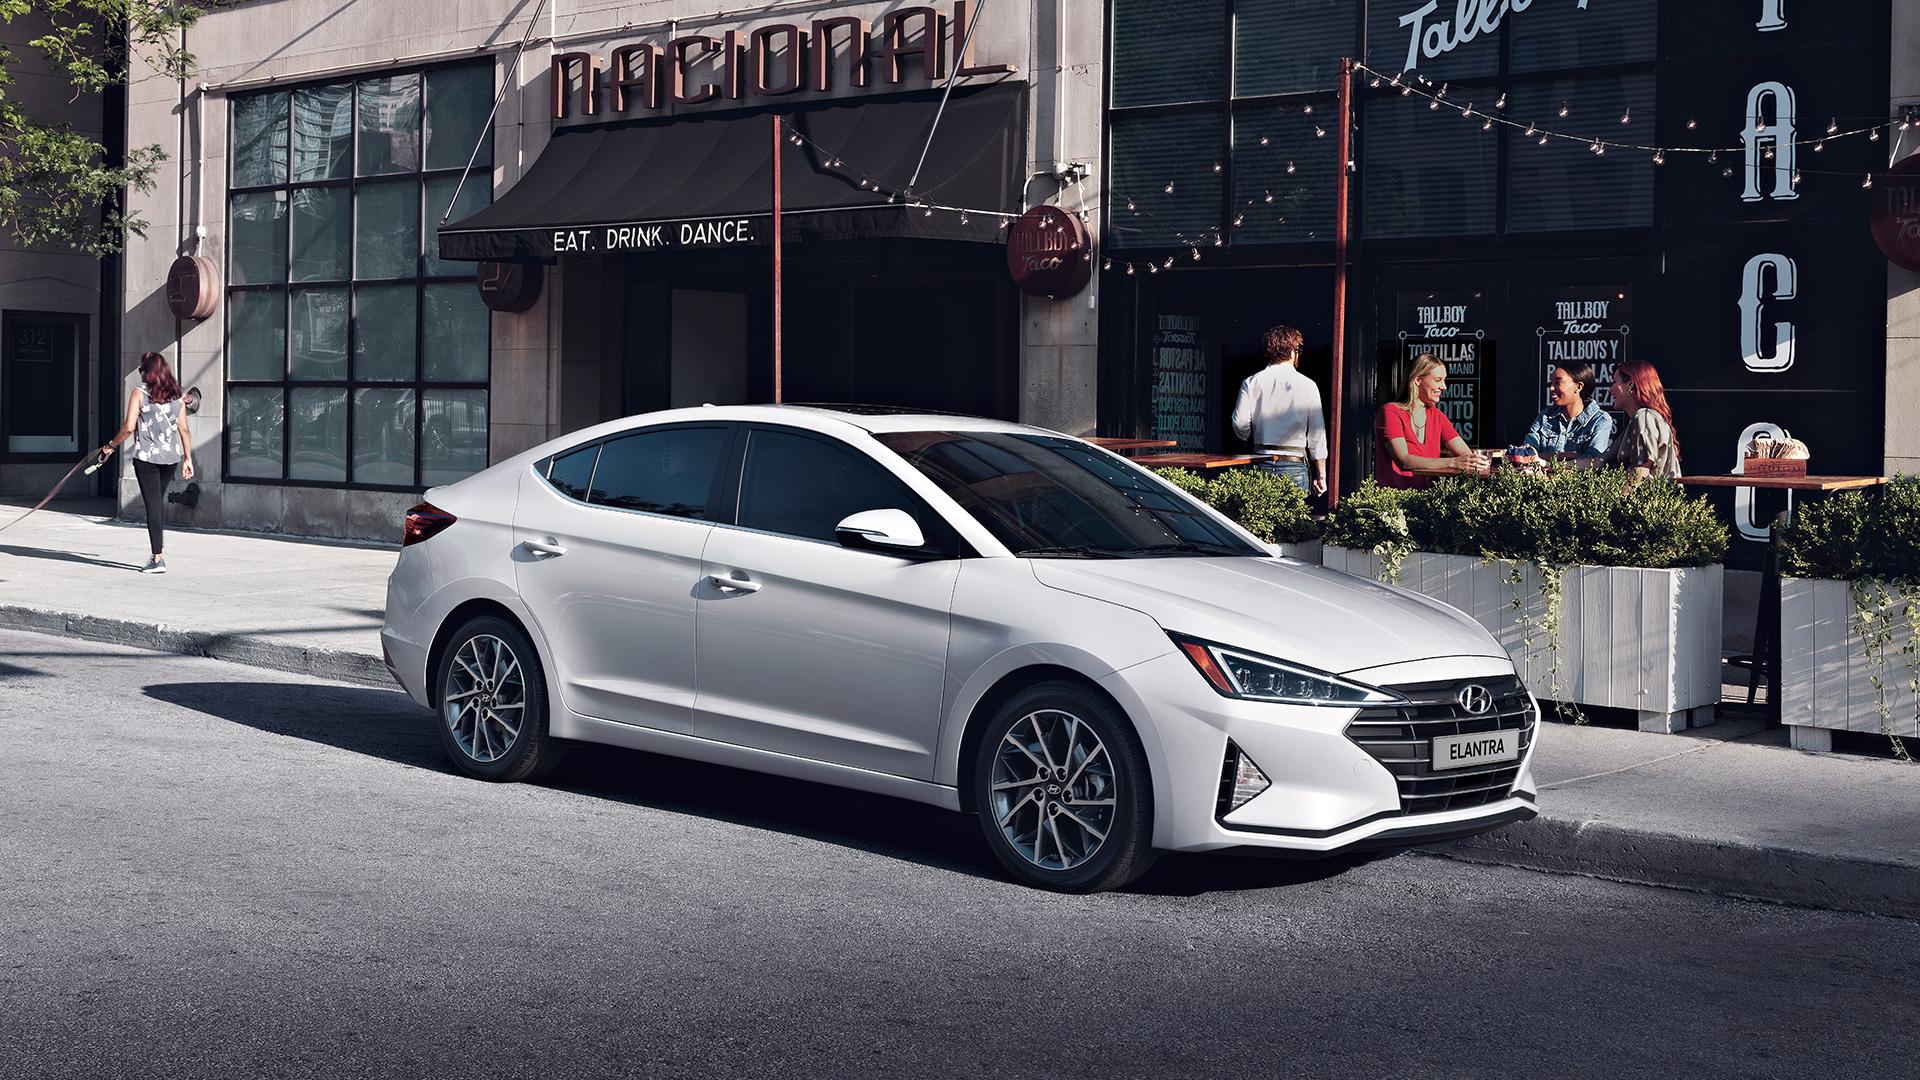 Hyundai Elantra, Toyota Corolla, KIA Forte y Mazda 3, cuatro sedanes con gran funcionalidad